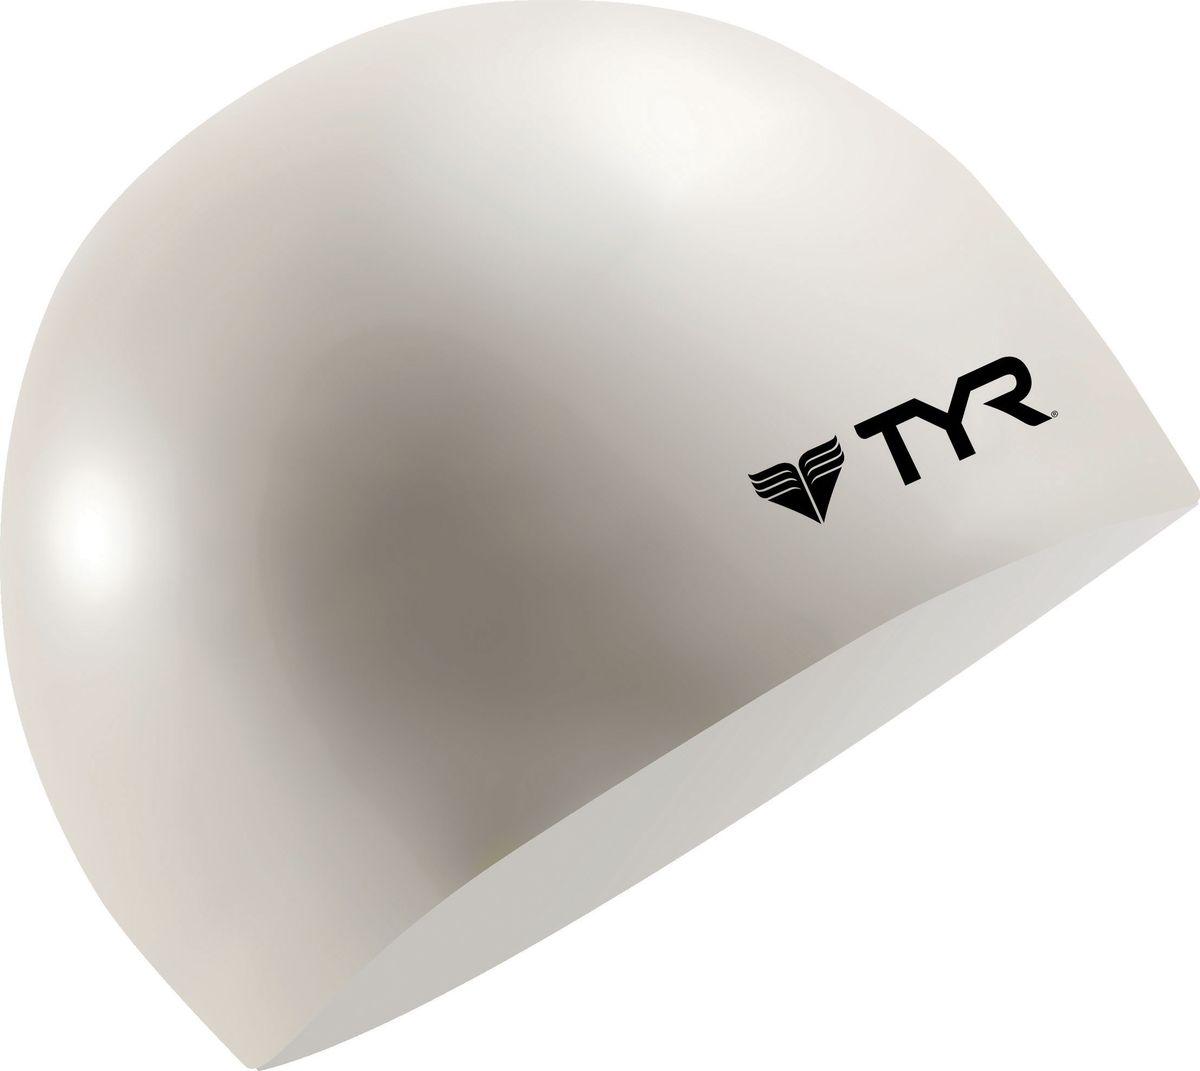 Шапочка для плавания Tyr Wrinkle Free Junior Silicone Cap, цвет: белый. LCSJRLCSJRДетская силиконовая шапочка TYR Wrinkle Free – изготовлена из высококачественного материала устойчивого к воздействию хлорированной воды, что гарантирует долгий срок службы. Материал шапочки не вызывает раздражения кожи и других аллергических реакций. Прекрасный вариант для тренировок в бассейне.